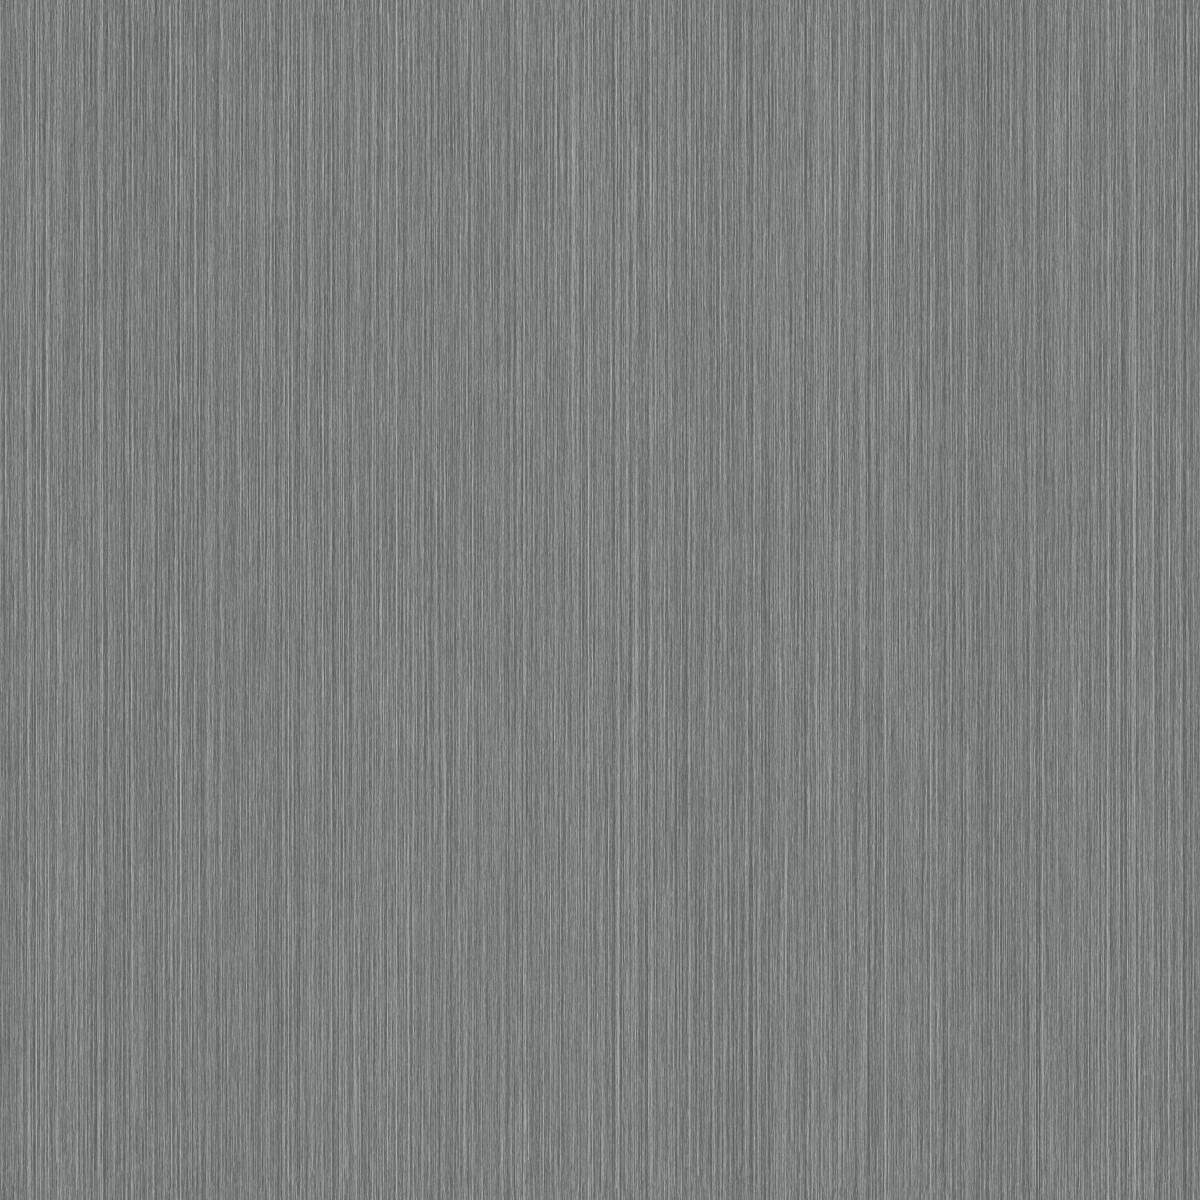 Обои флизелиновые Decoprint Spectrum серые 0.53 м SP18210